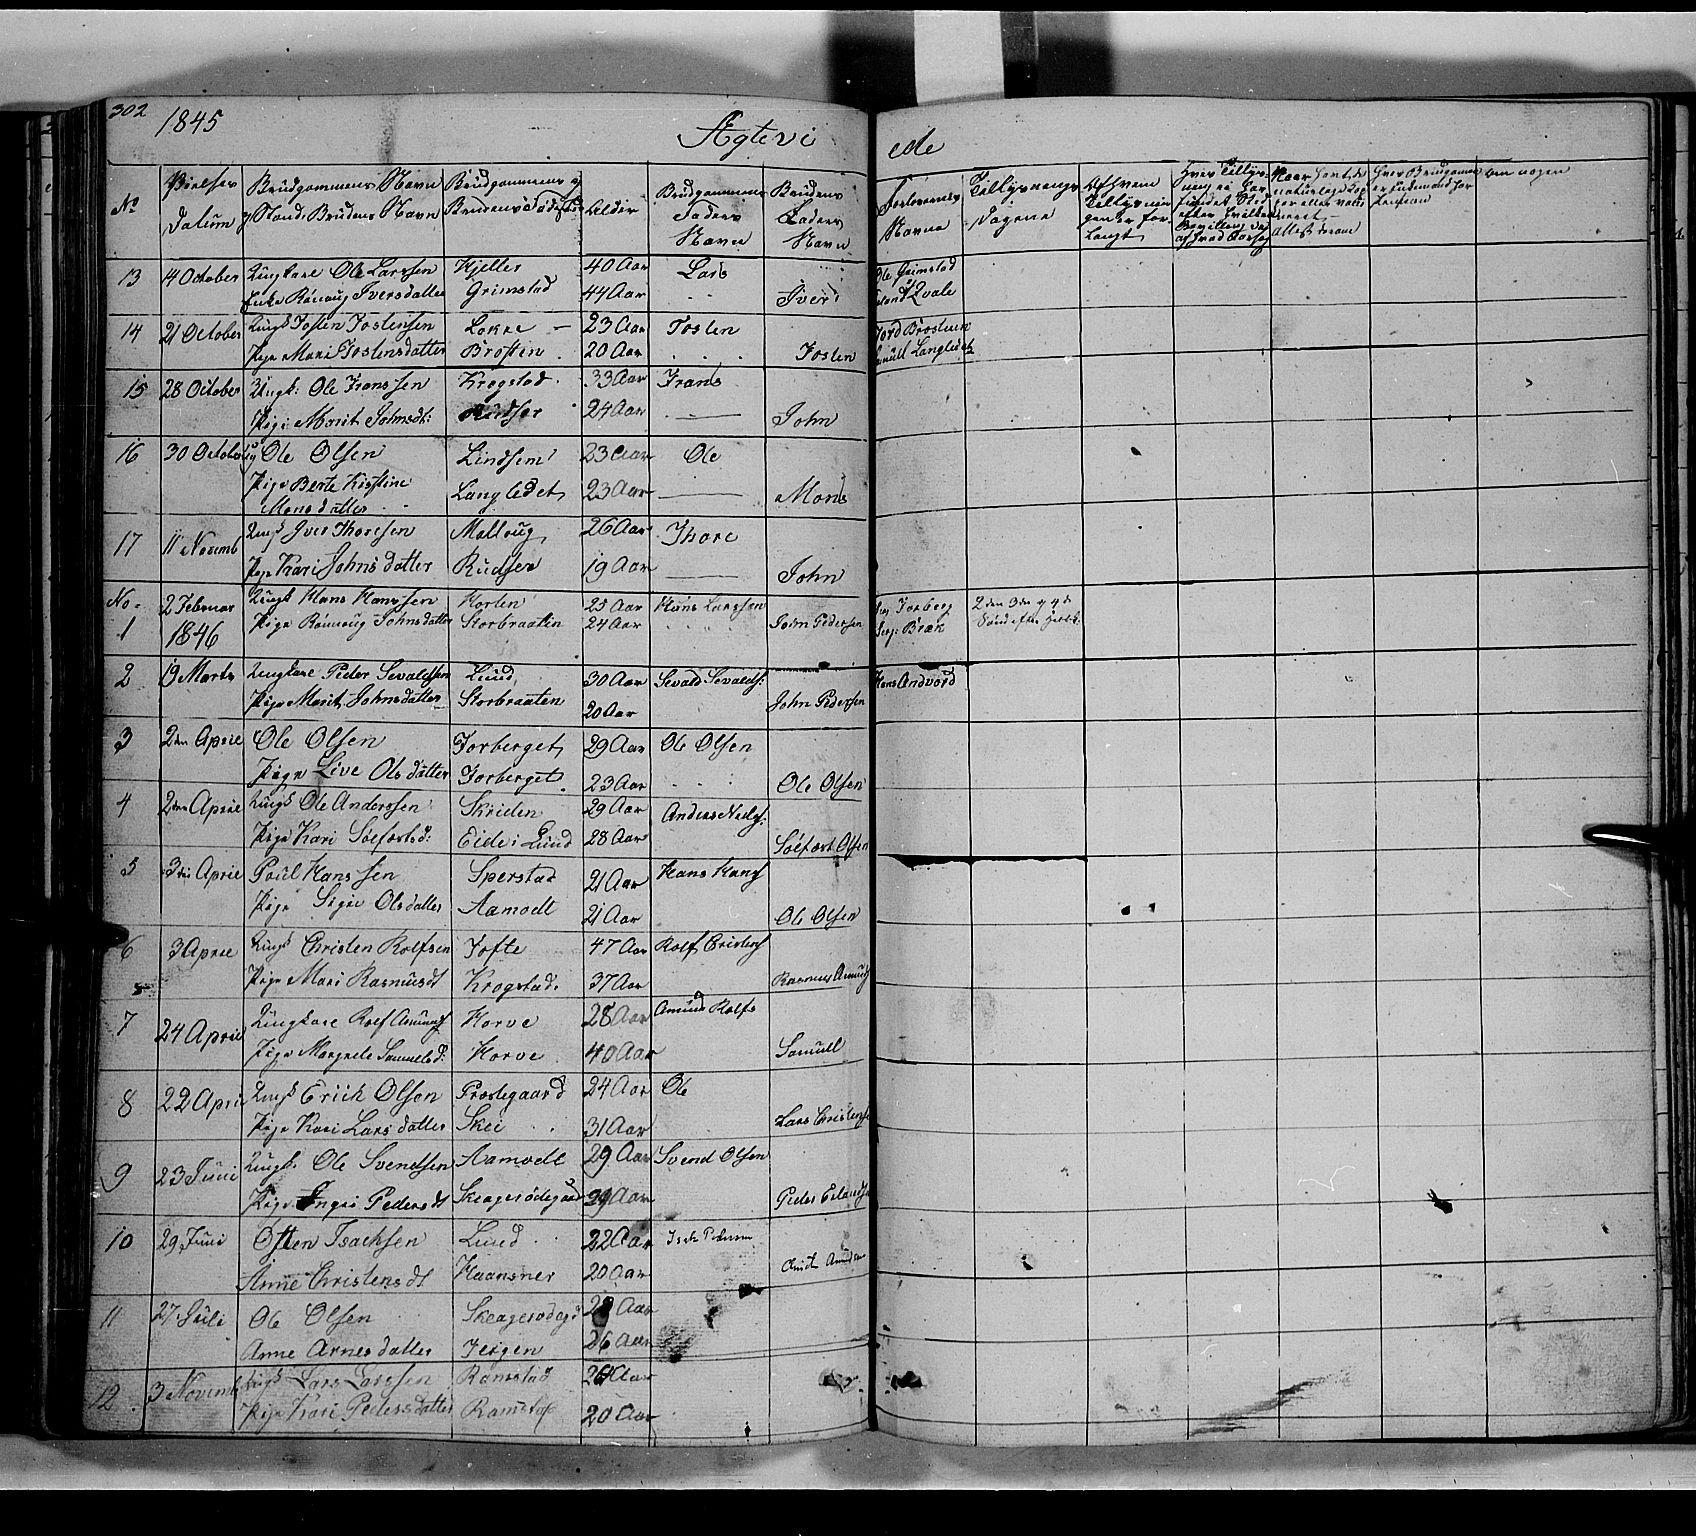 SAH, Lom prestekontor, L/L0004: Klokkerbok nr. 4, 1845-1864, s. 302-303